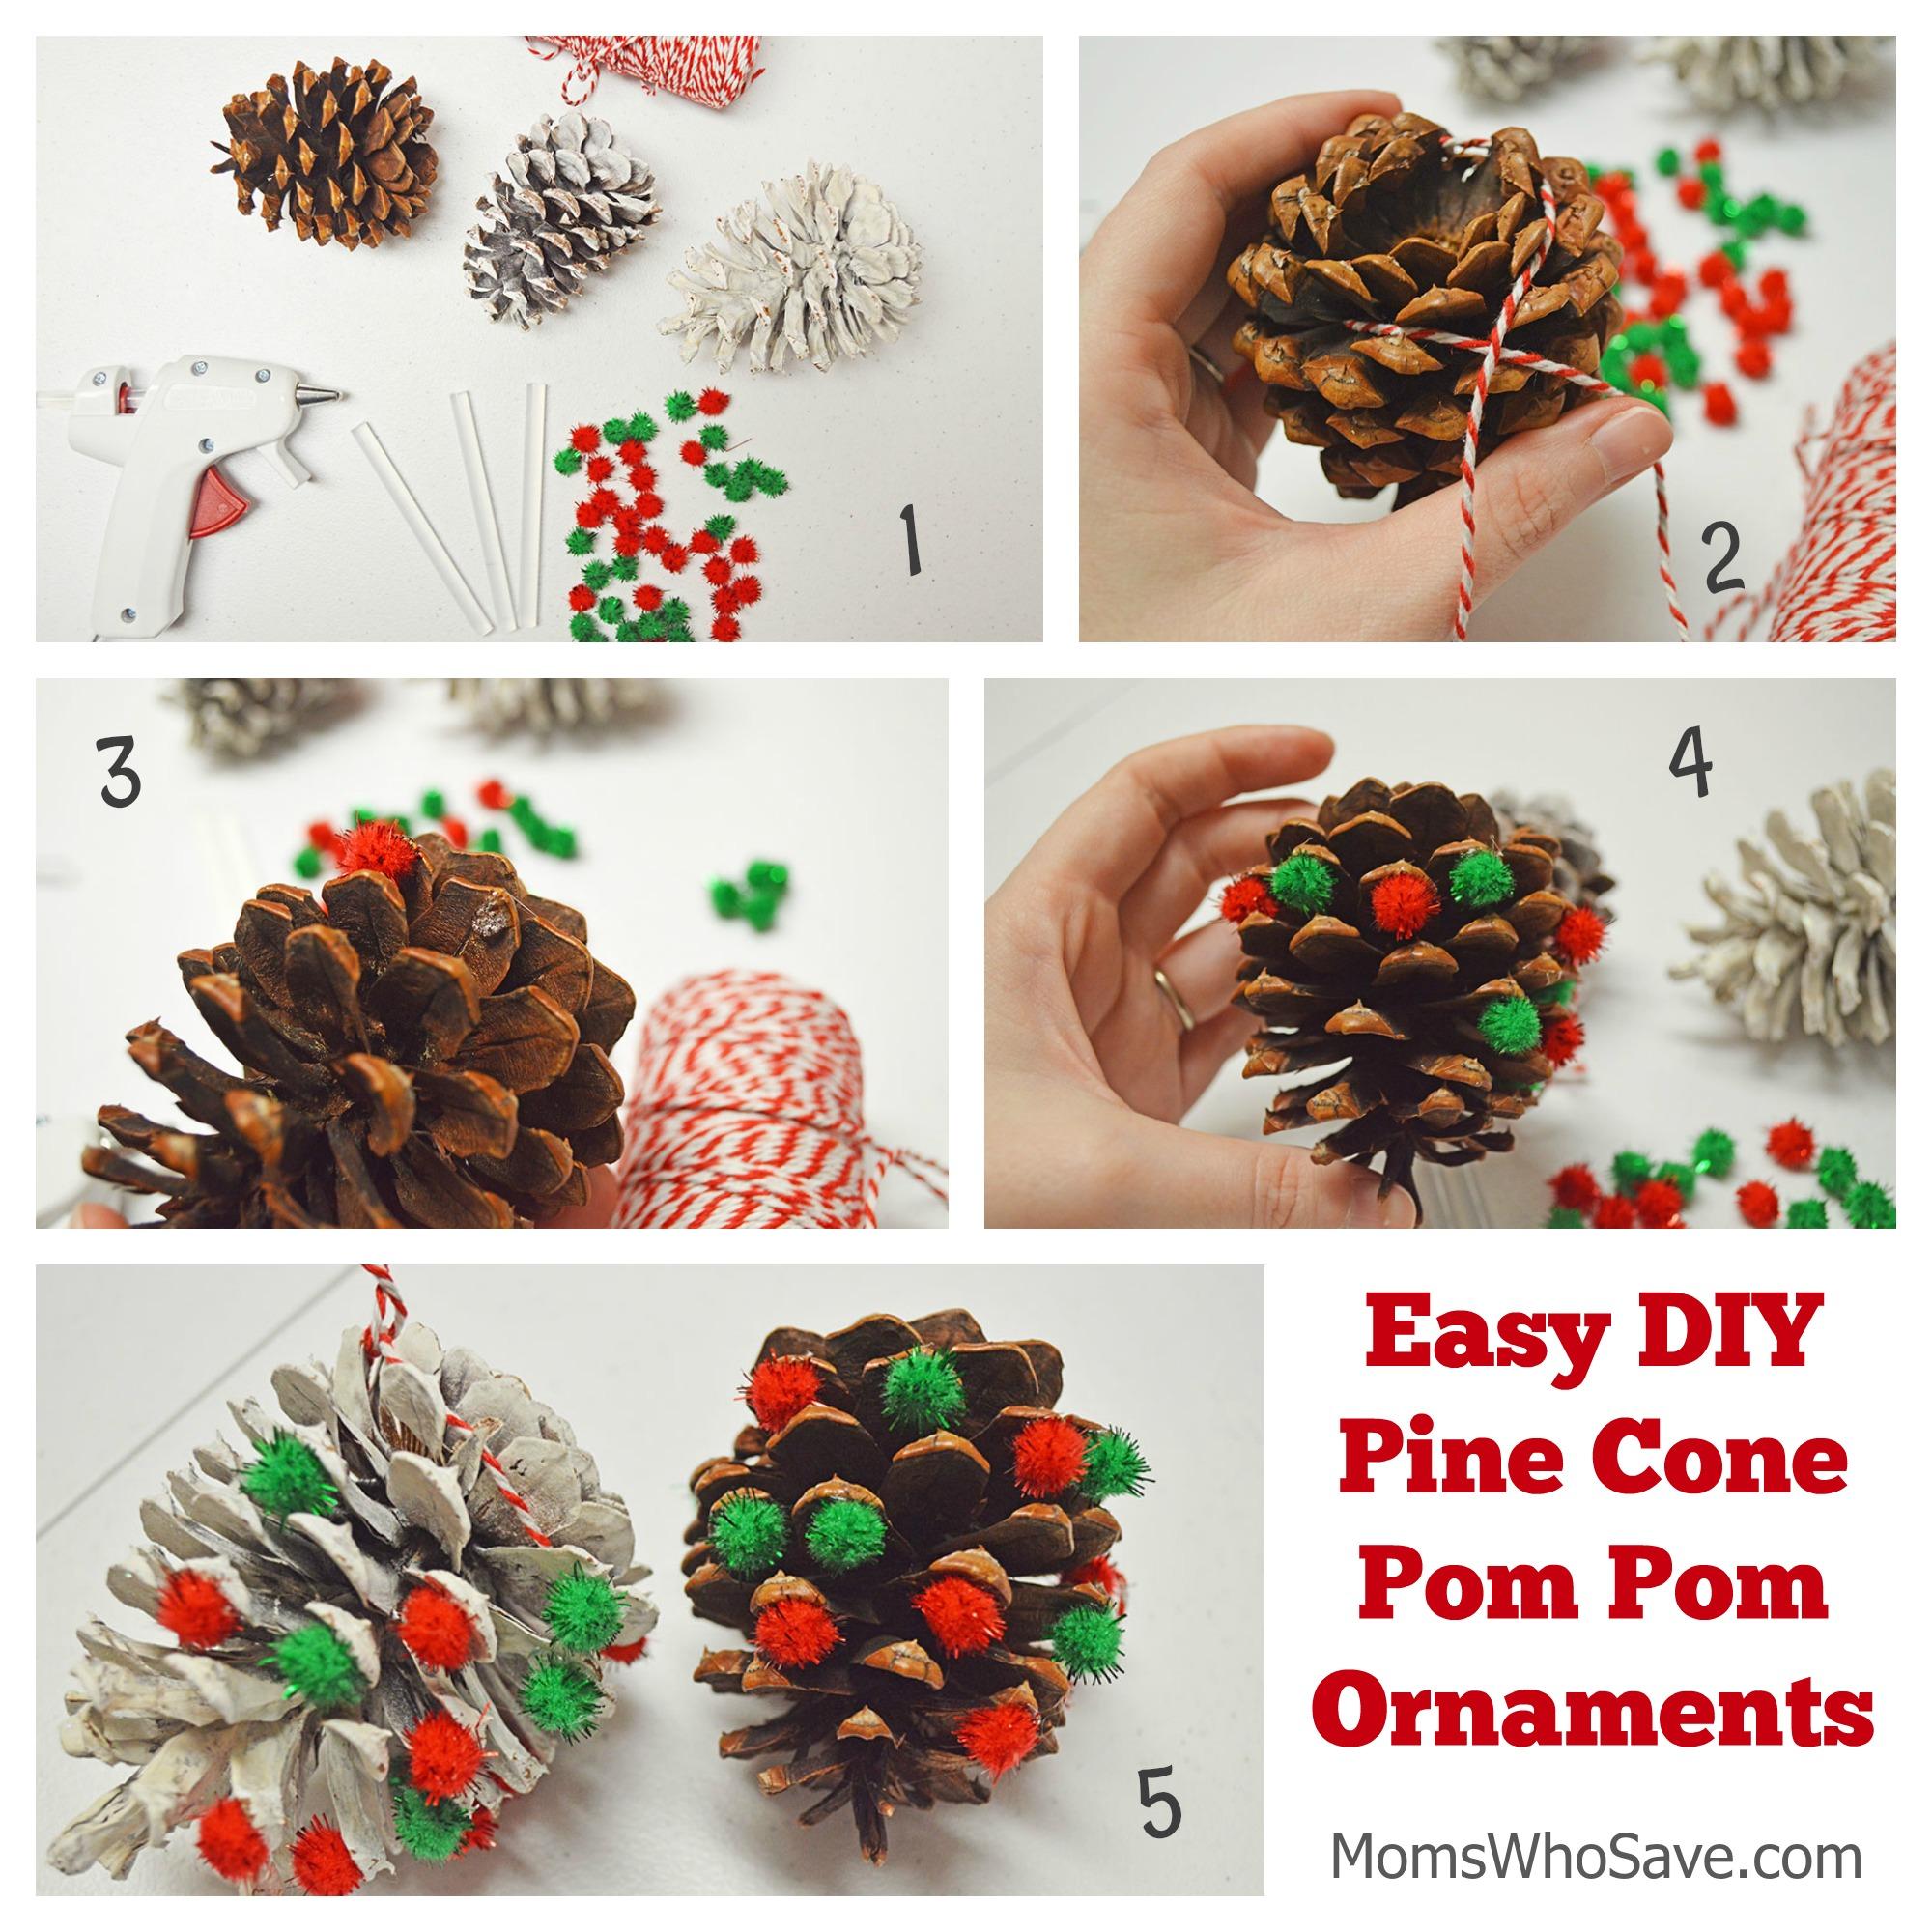 Easy DIY Pine Cone Pom Pom Ornaments